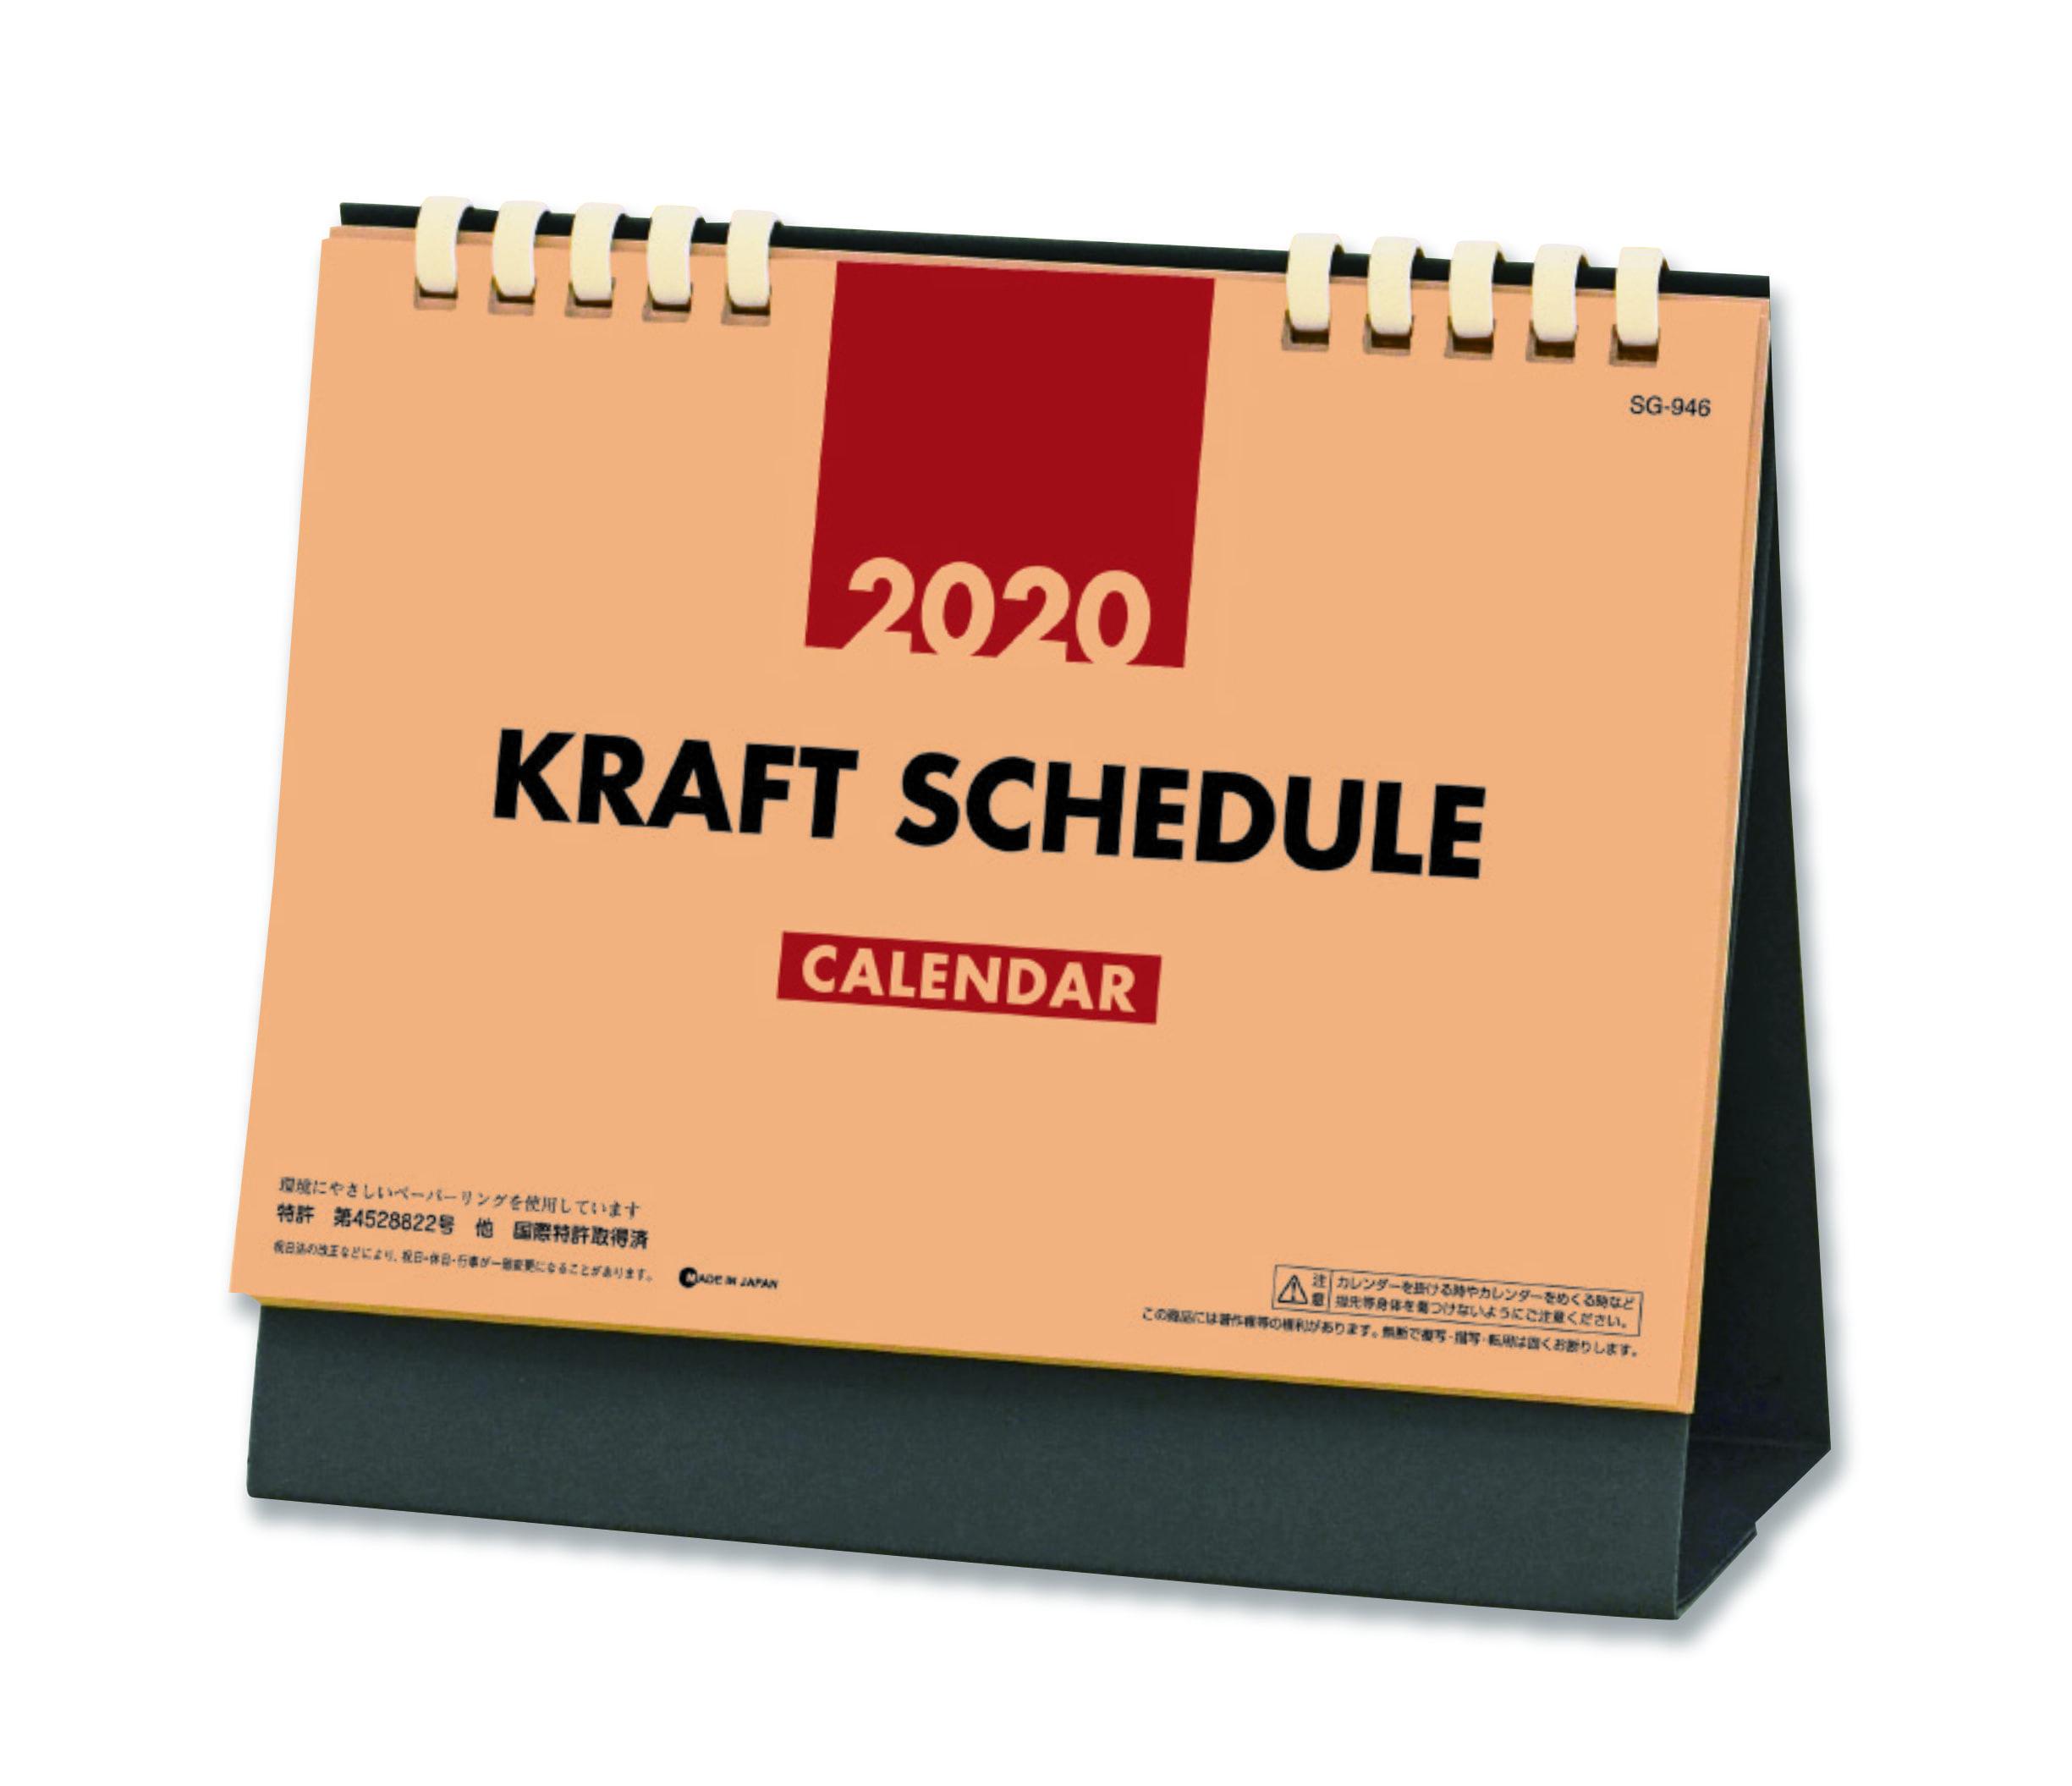 デスクスタンド・クラフト 2020年カレンダー